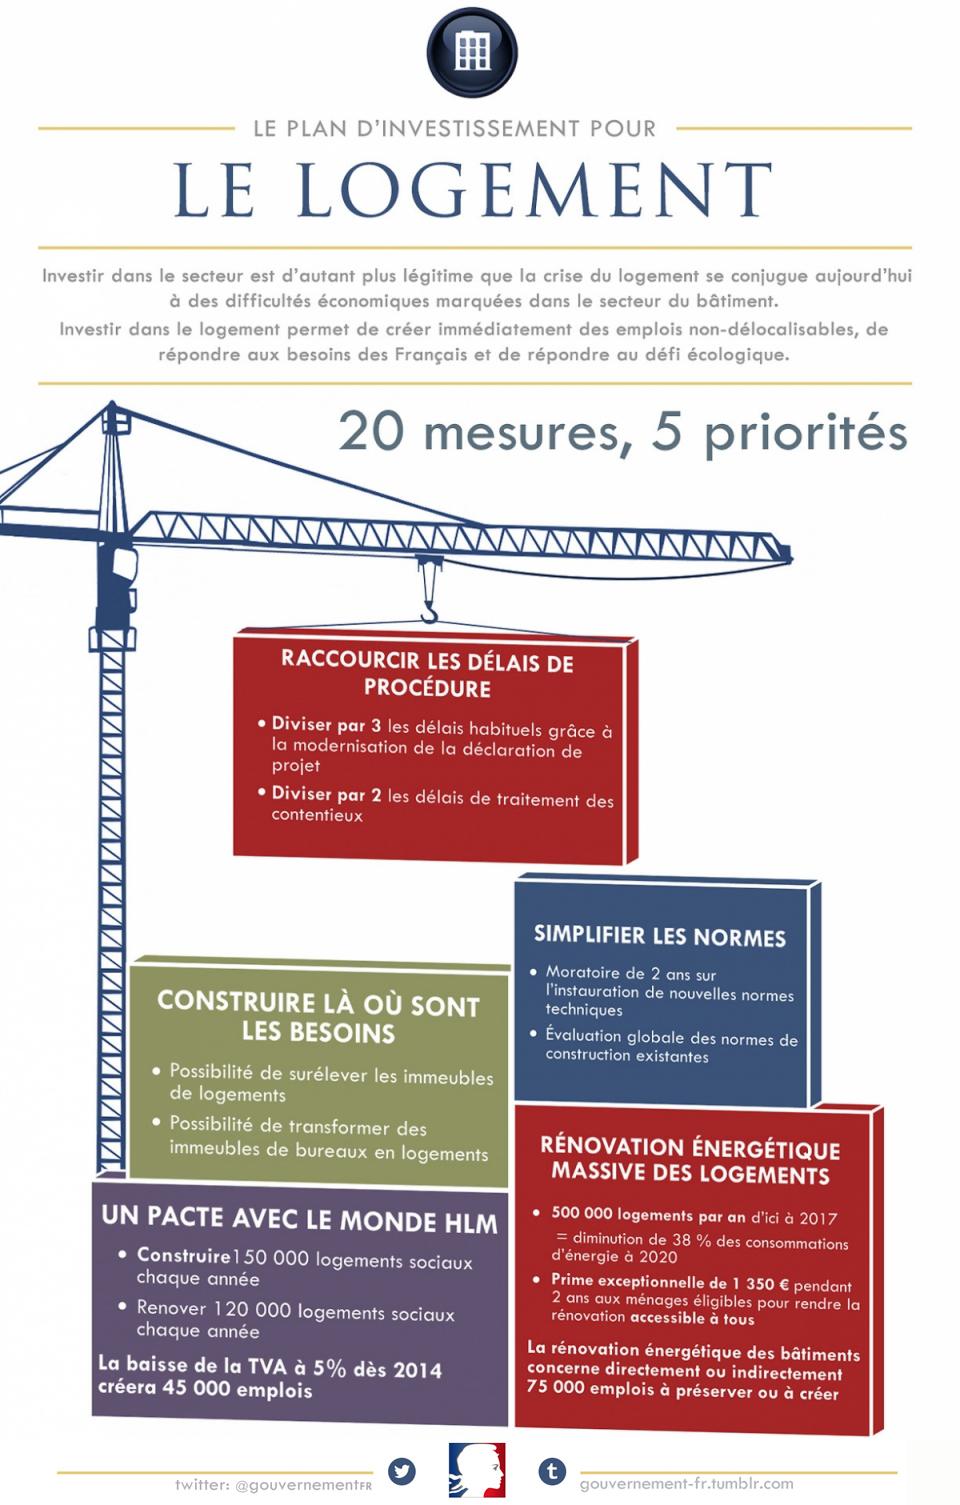 Infographie : Relancer la construction de logements - voir en plus grand